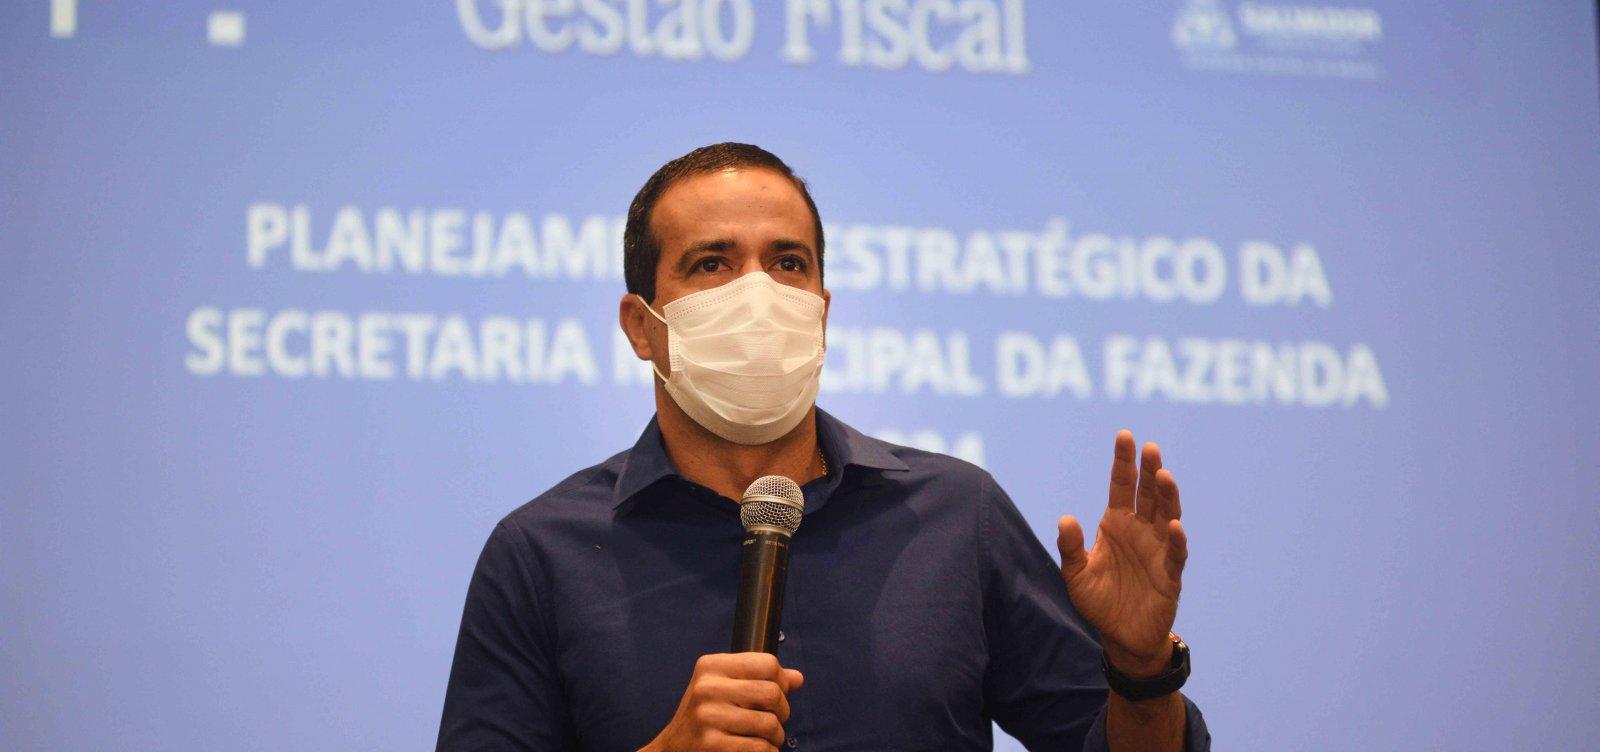 Prefeitura convoca professores concursados na próxima semana, diz Bruno Reis